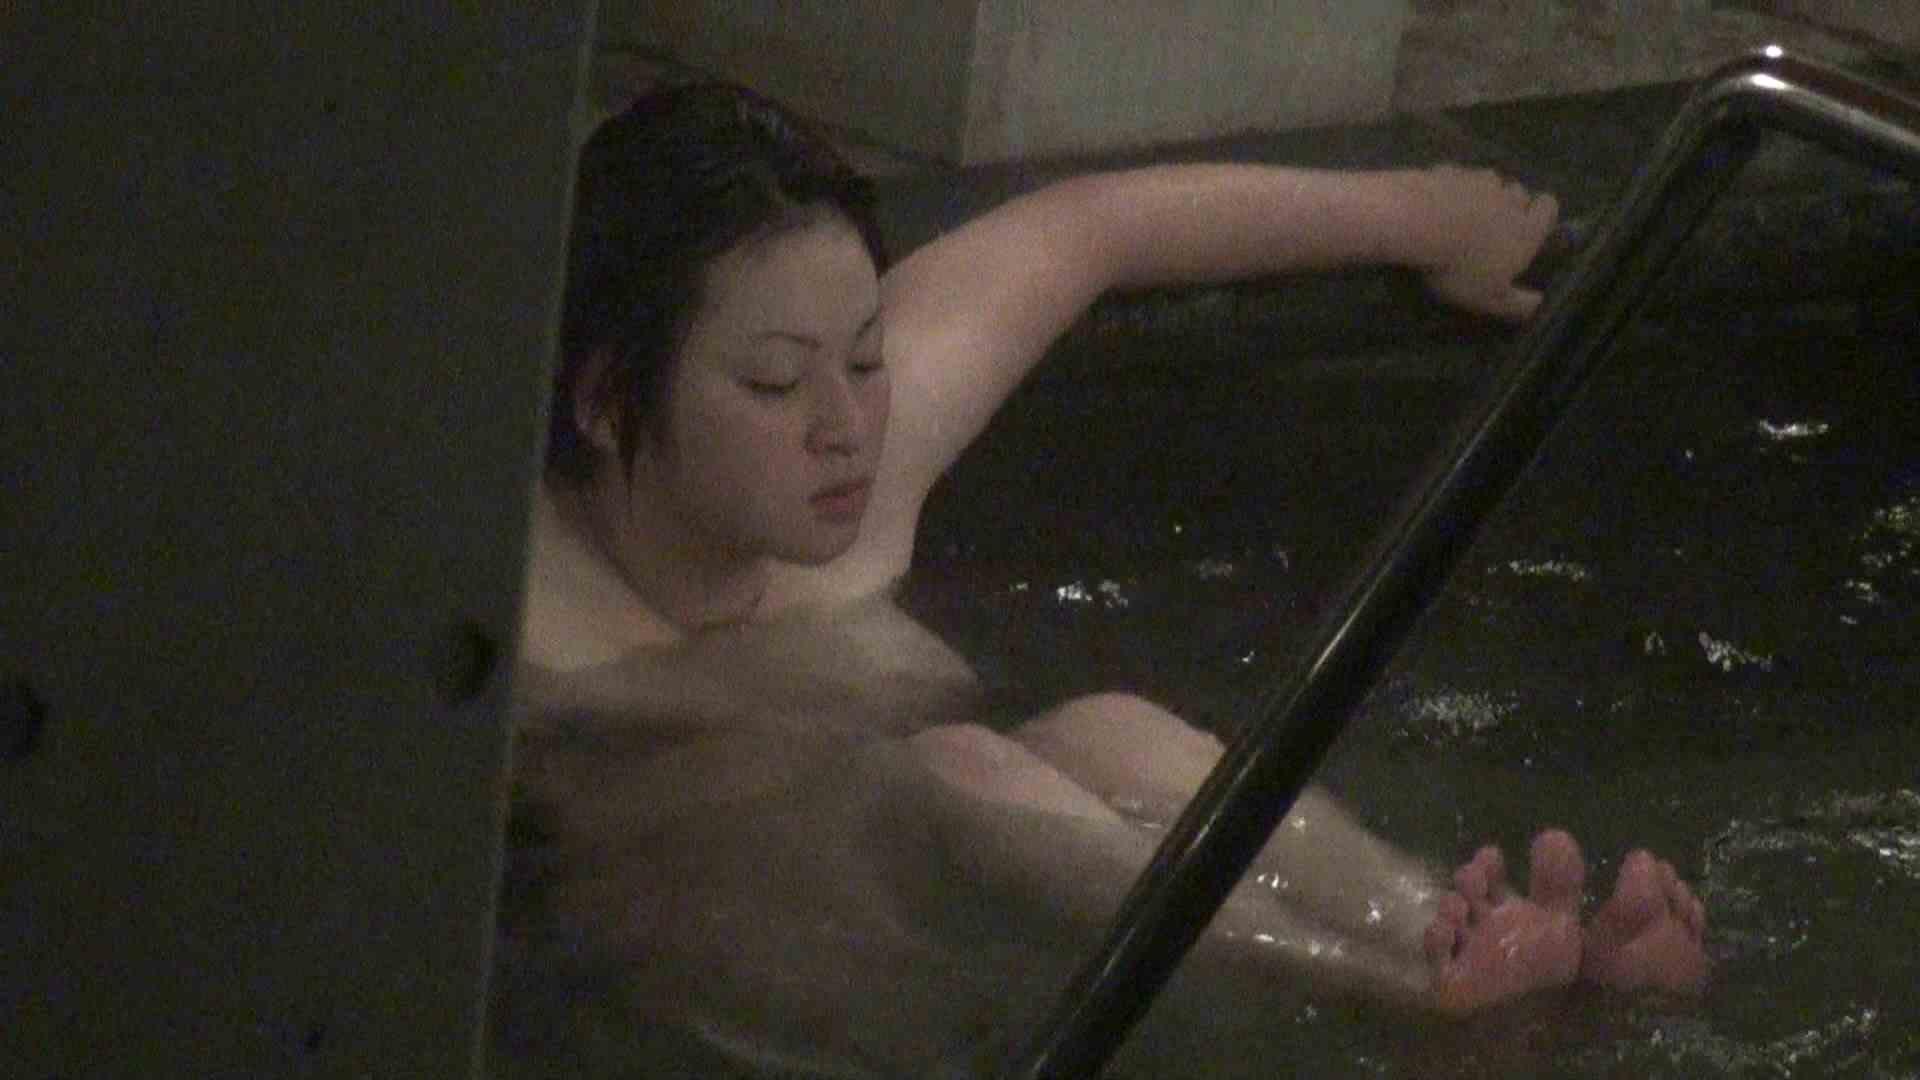 Aquaな露天風呂Vol.338 0  101pic 85